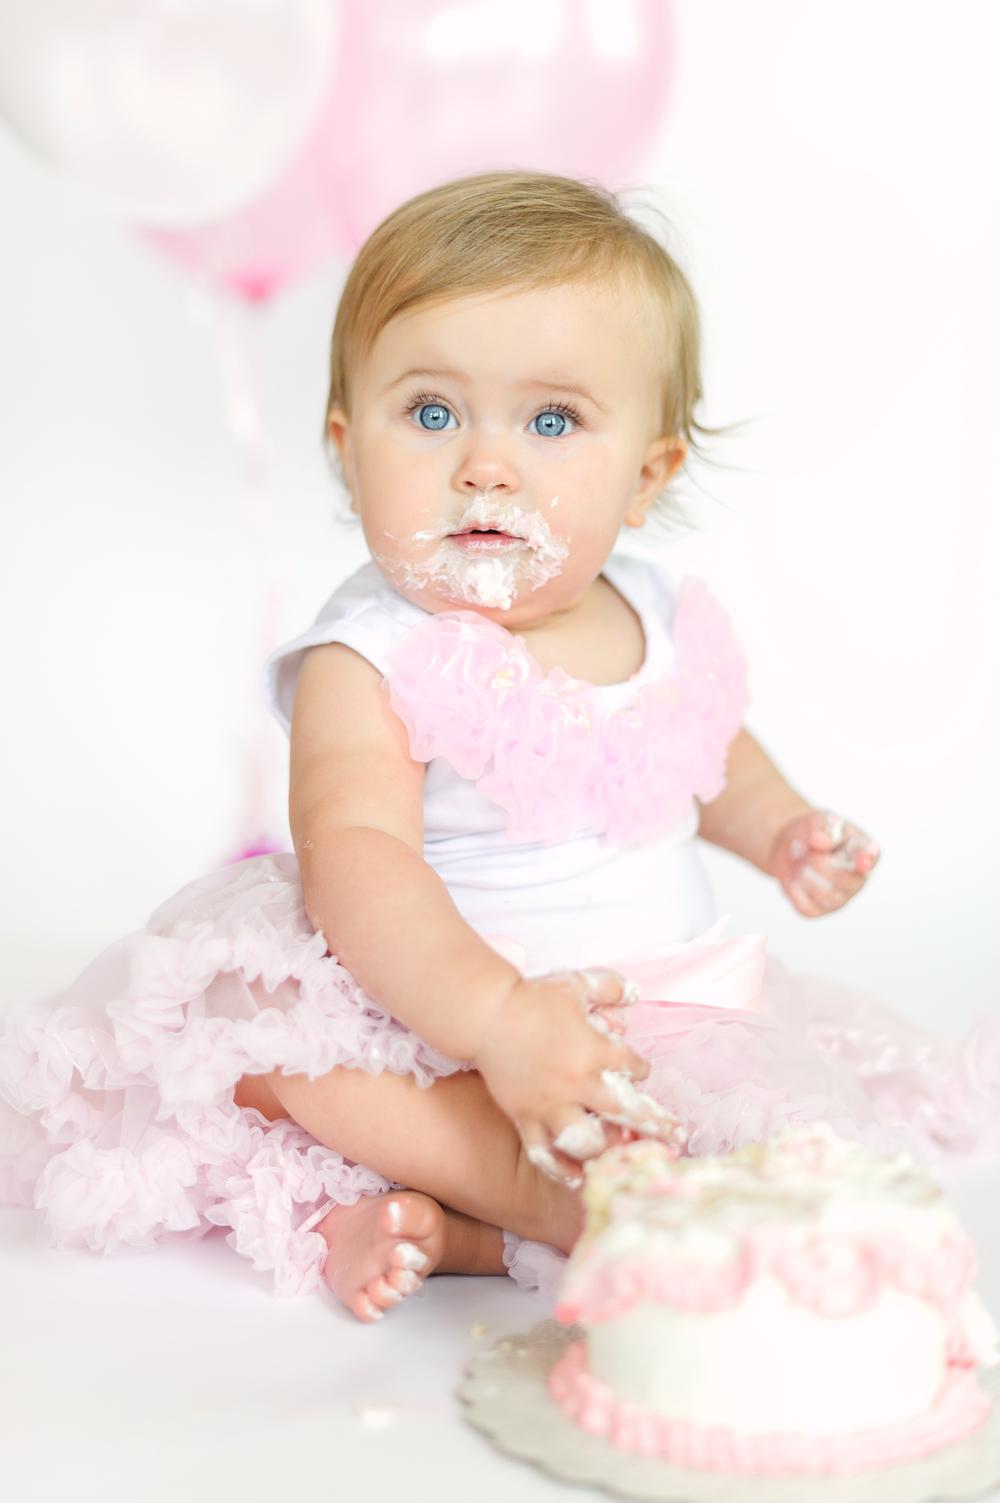 Baby Girl Cake Smash Pink Cake